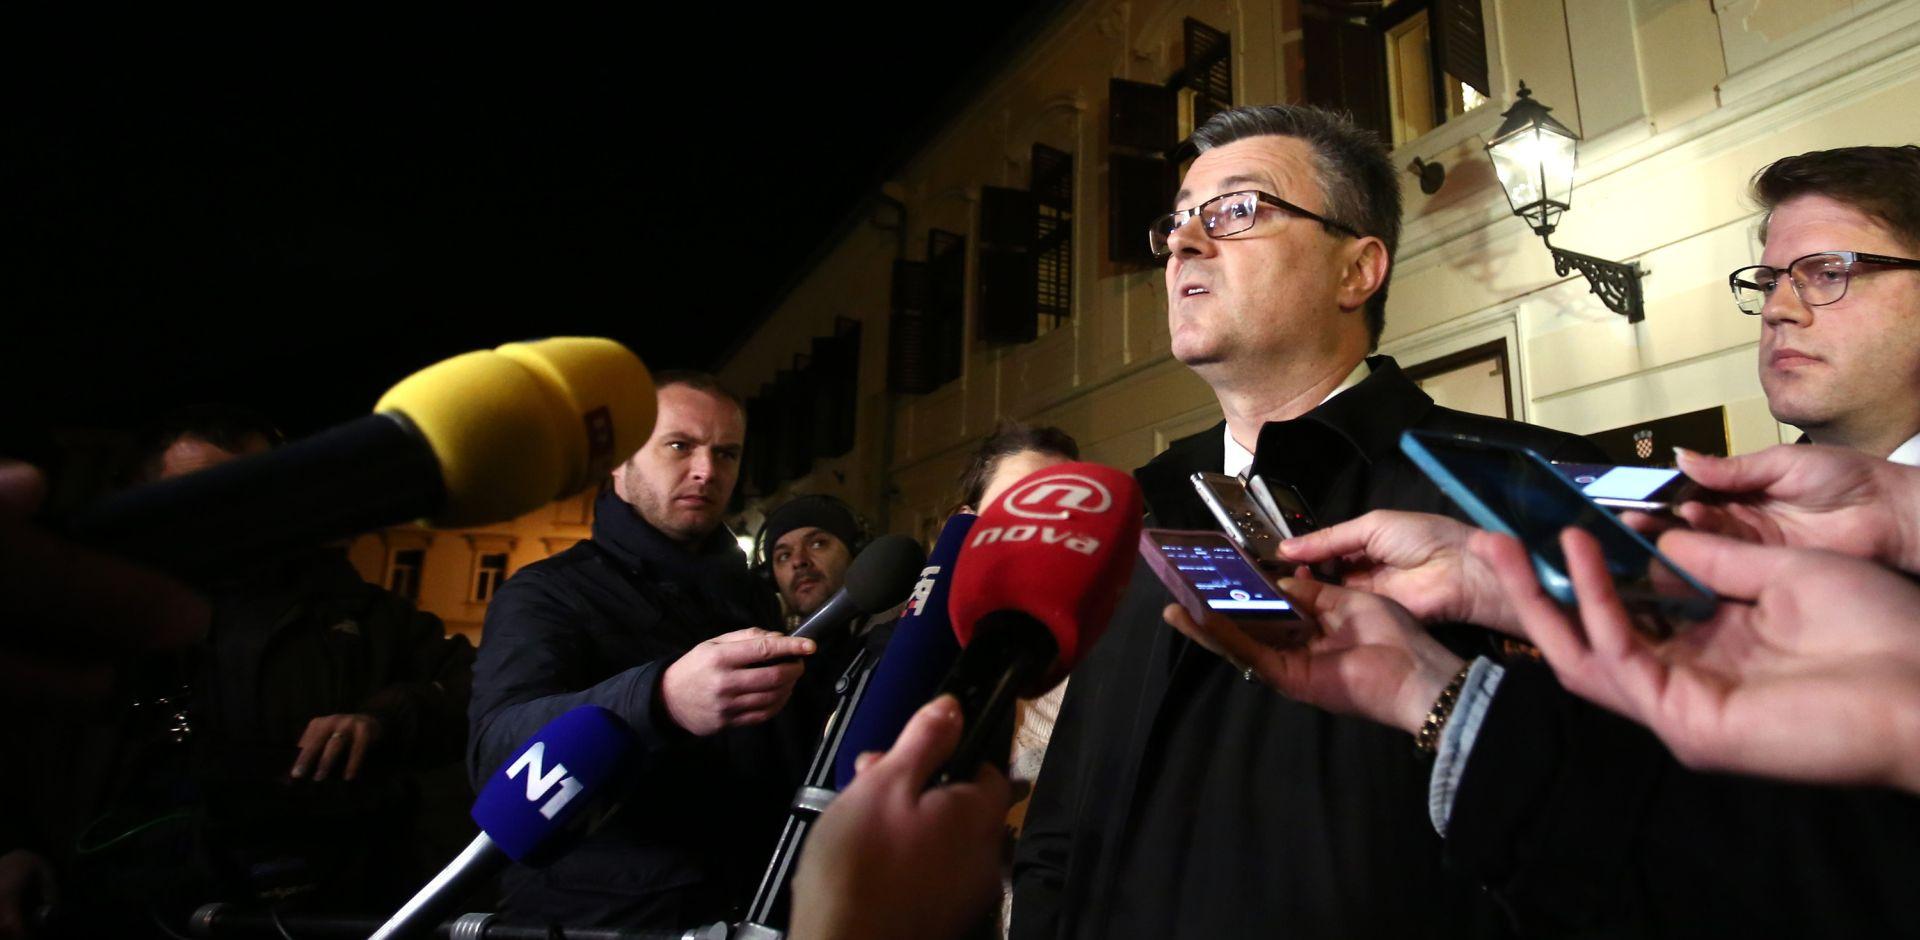 Premijer Tihomir Oreskovic ispred Vlade obratio se medijima te i sluzbeno potvrdio da je Mijo Crnoja podnio ostavku. Photo: Sanjin Strukic/PIXSELL